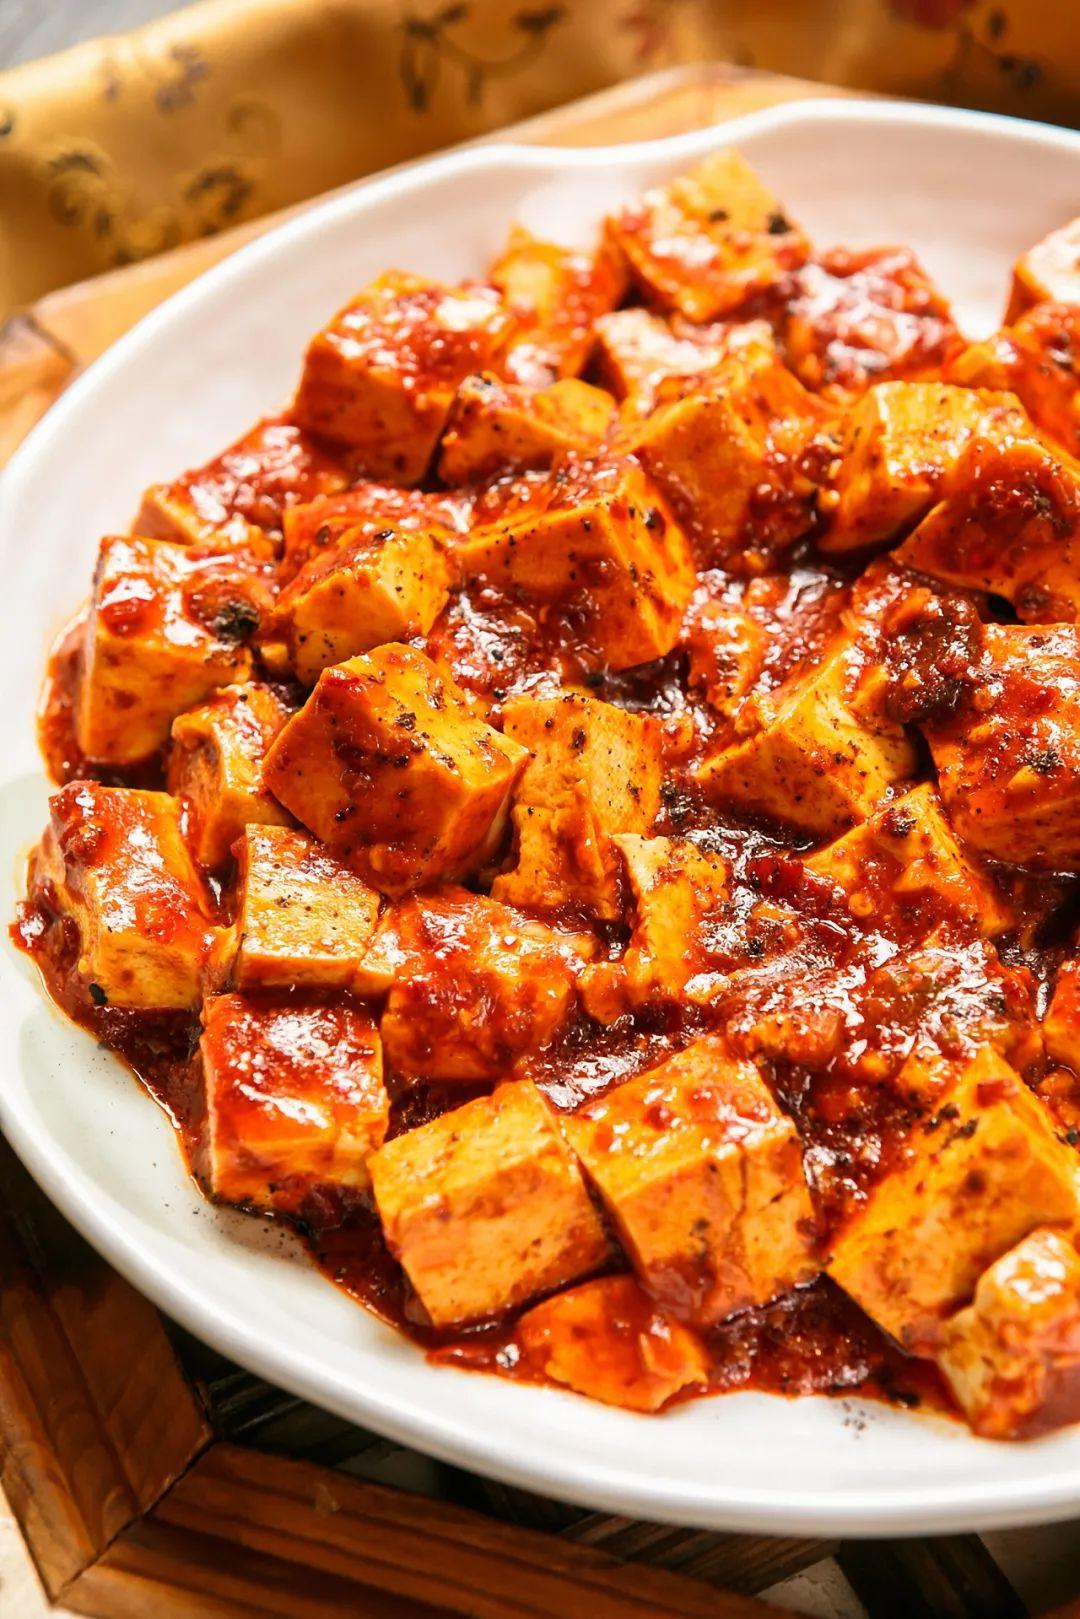 ▲ 麻婆豆腐向来是川菜麻味的头牌。图/视觉中国